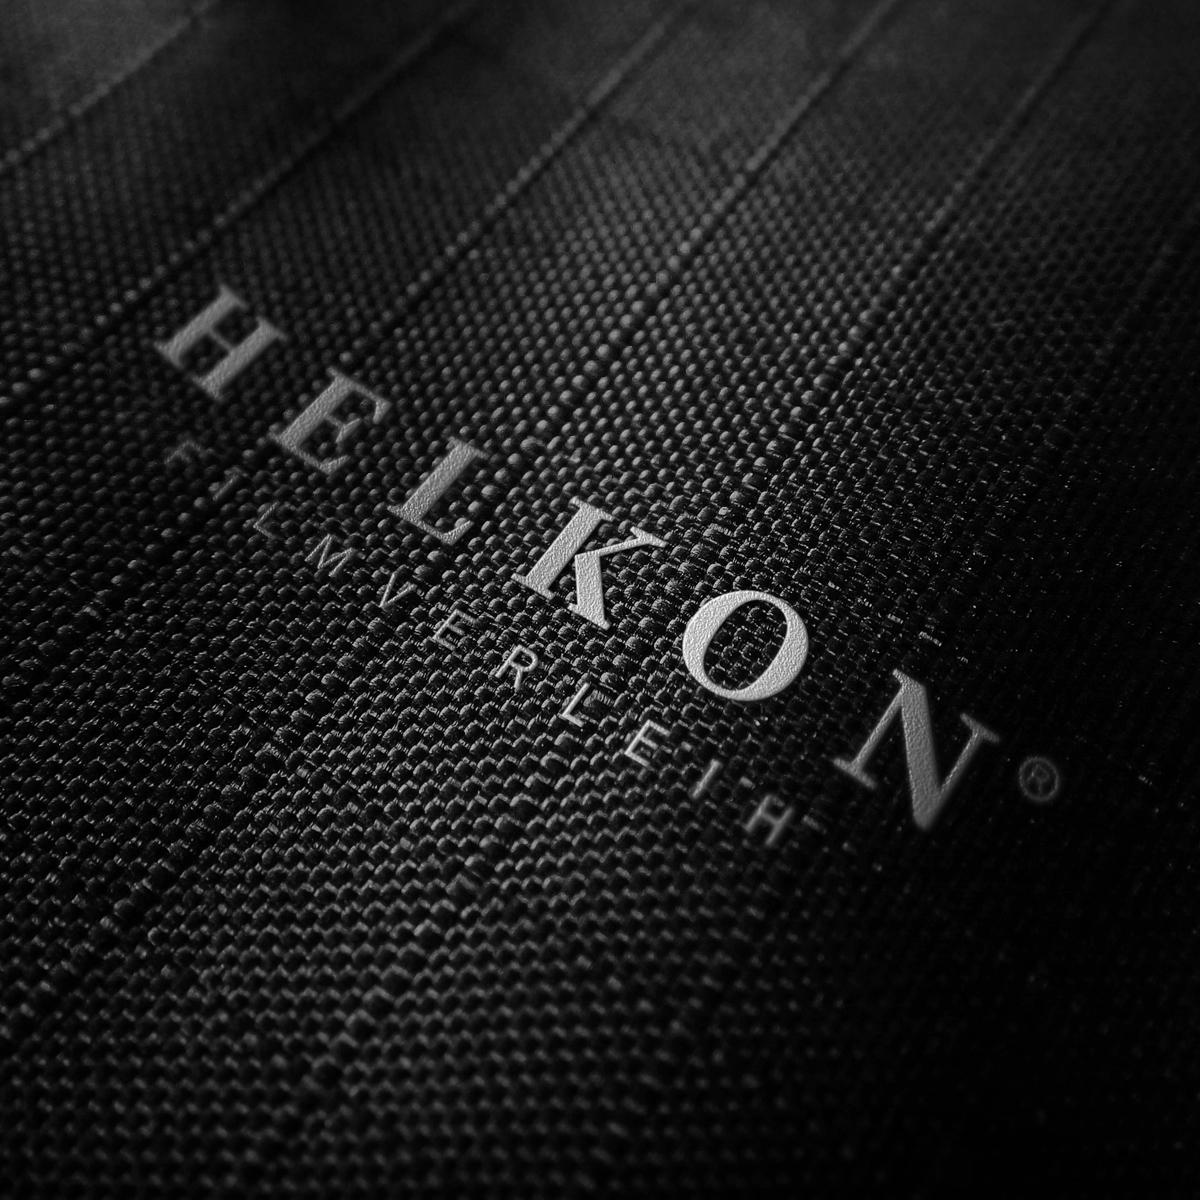 Helkon Media AG